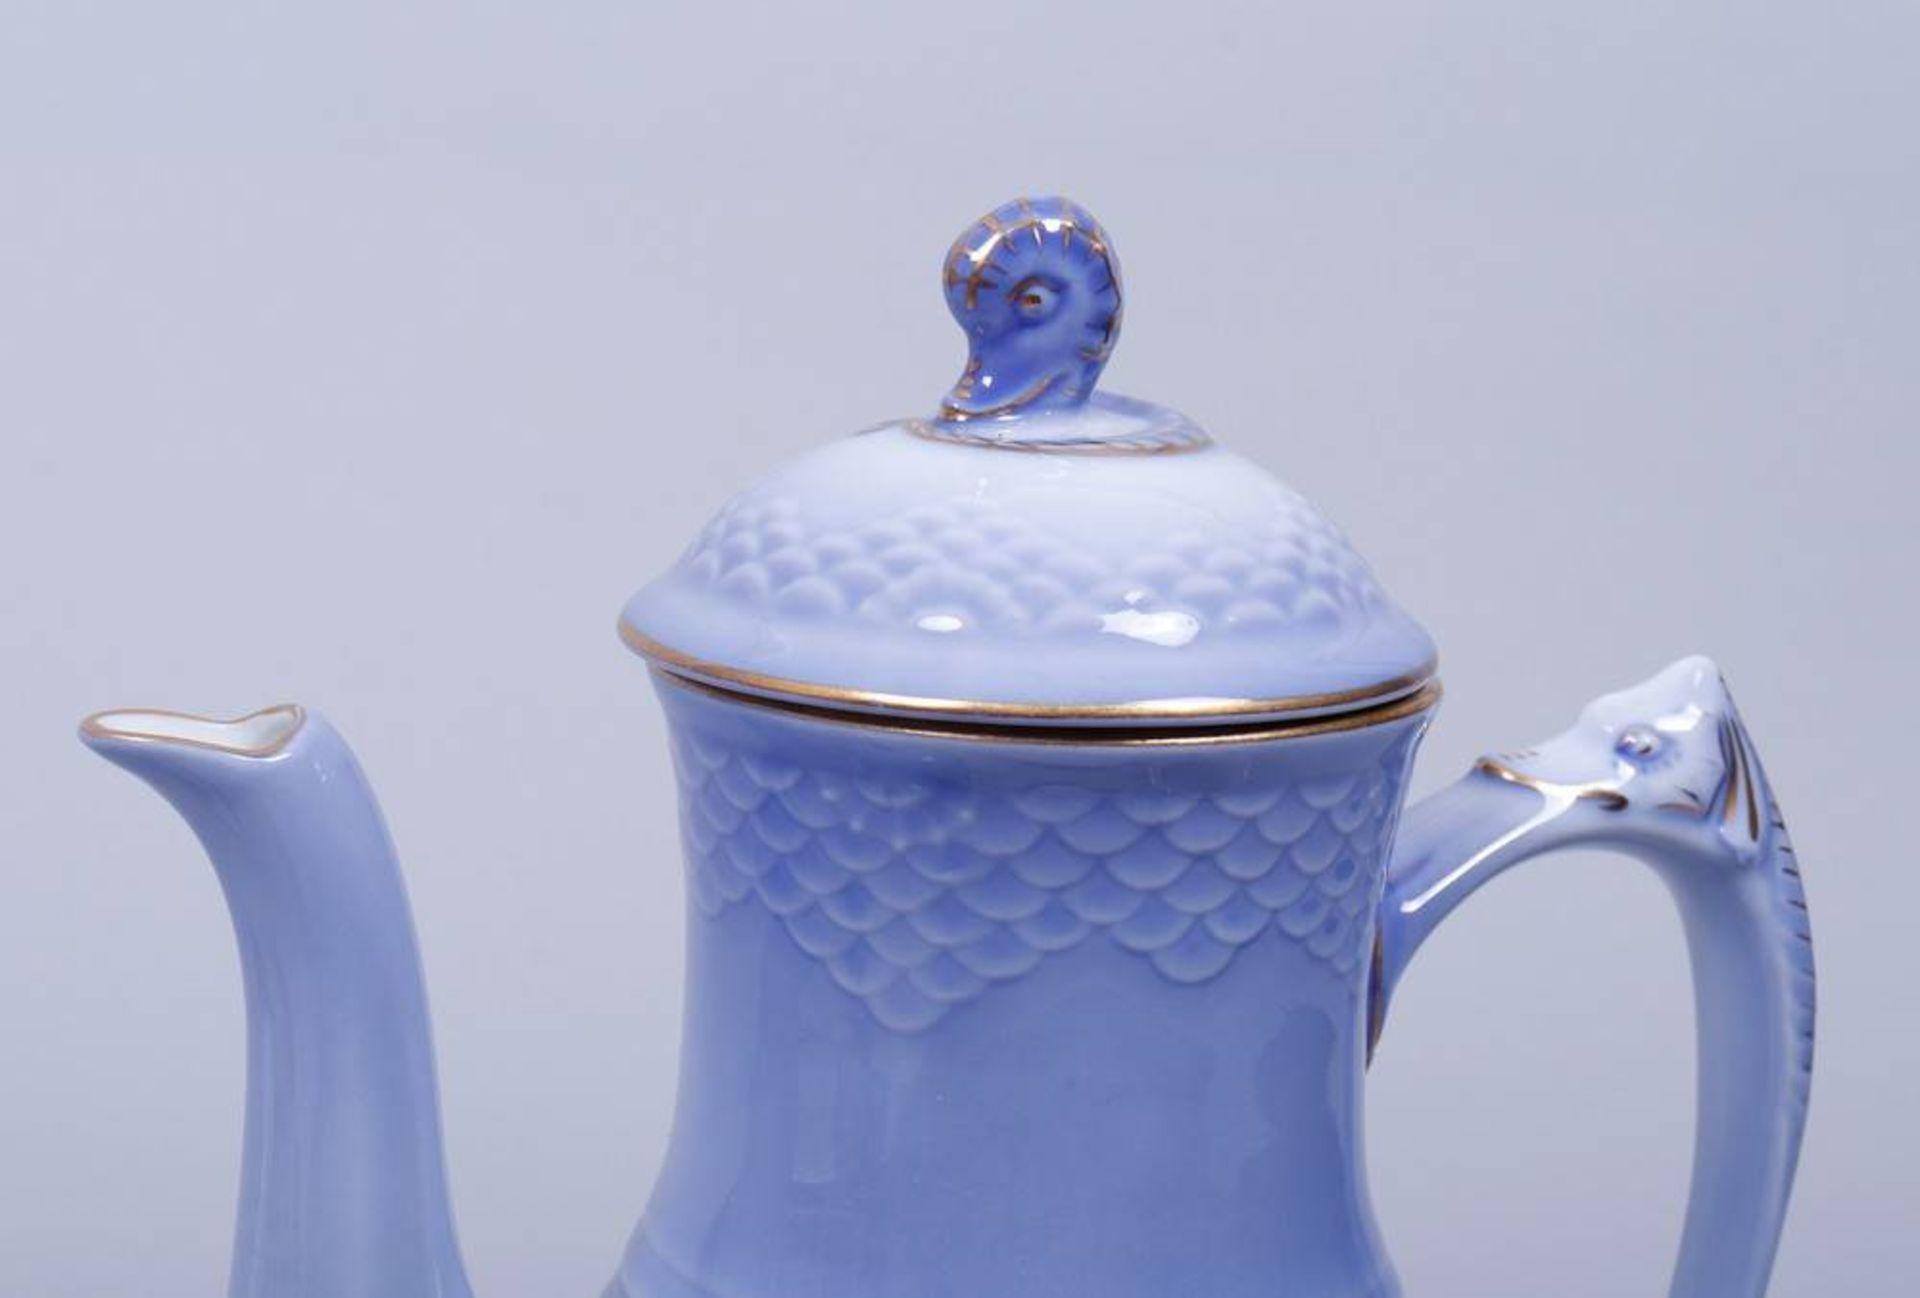 """Kaffeeservice für 6 Personen, Entwurf Fanny Garde für Bing & Gröndahl, Dekor """"Möwe (Seagull)"""", 20. - Bild 3 aus 6"""